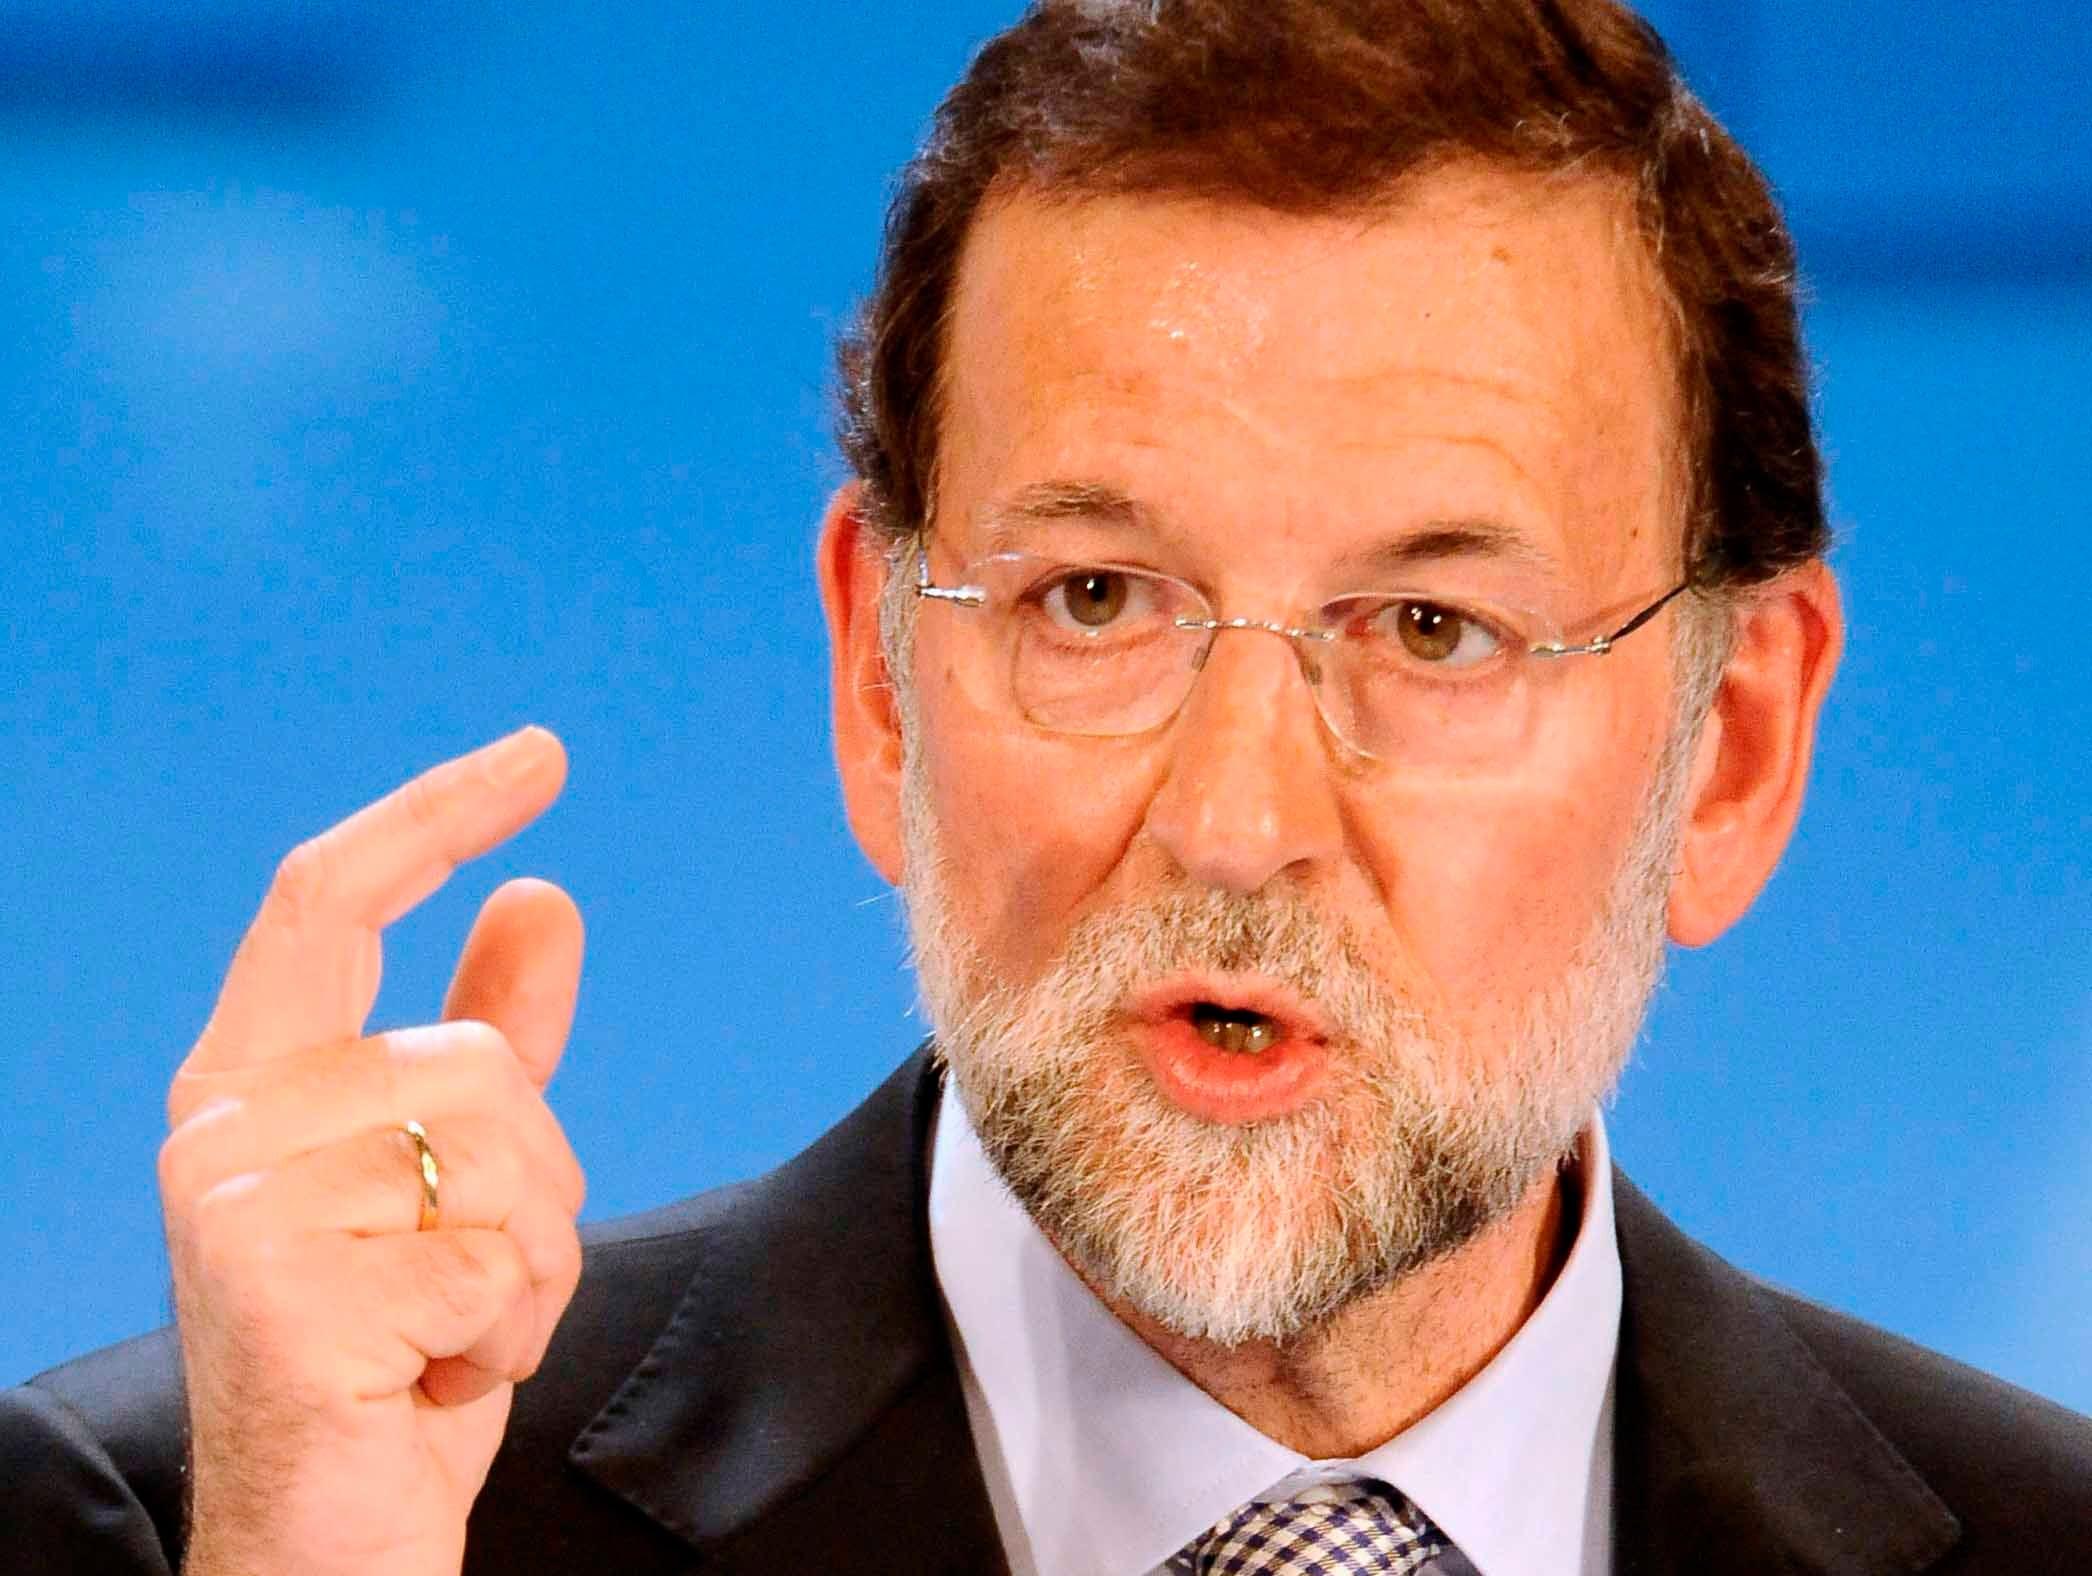 Estado Islâmico diz que ataques na Espanha foram contra 'cruzados e judeus'